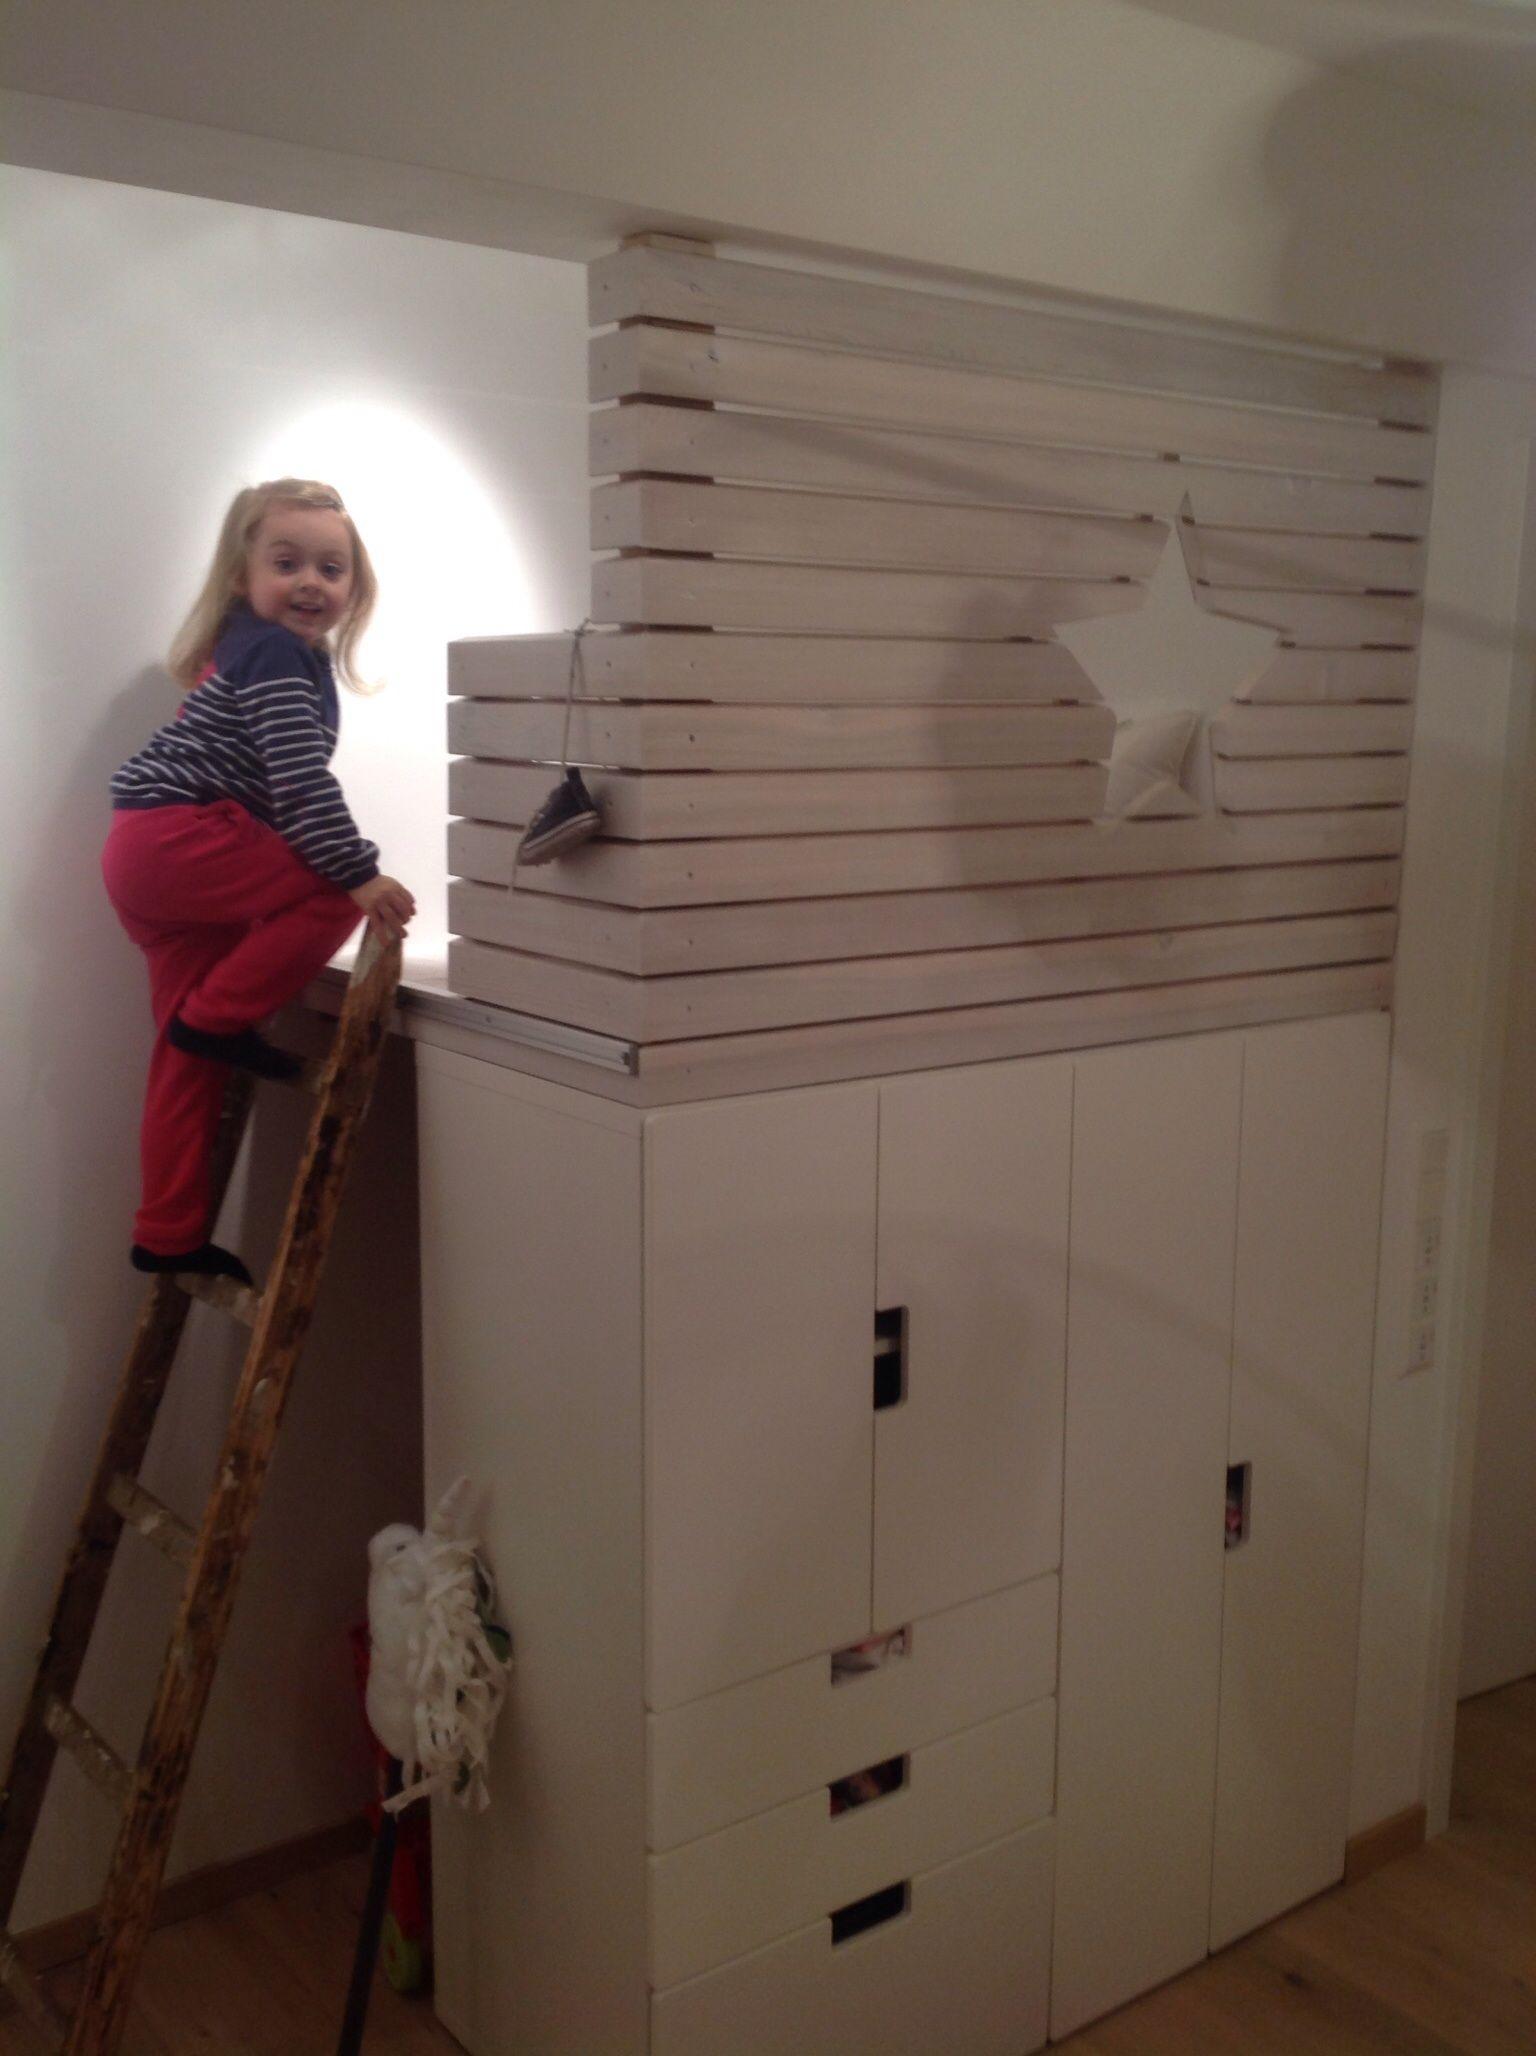 Kuschelecke ikea stuva kinderzimmer pinterest for Ikea stuva hochbett